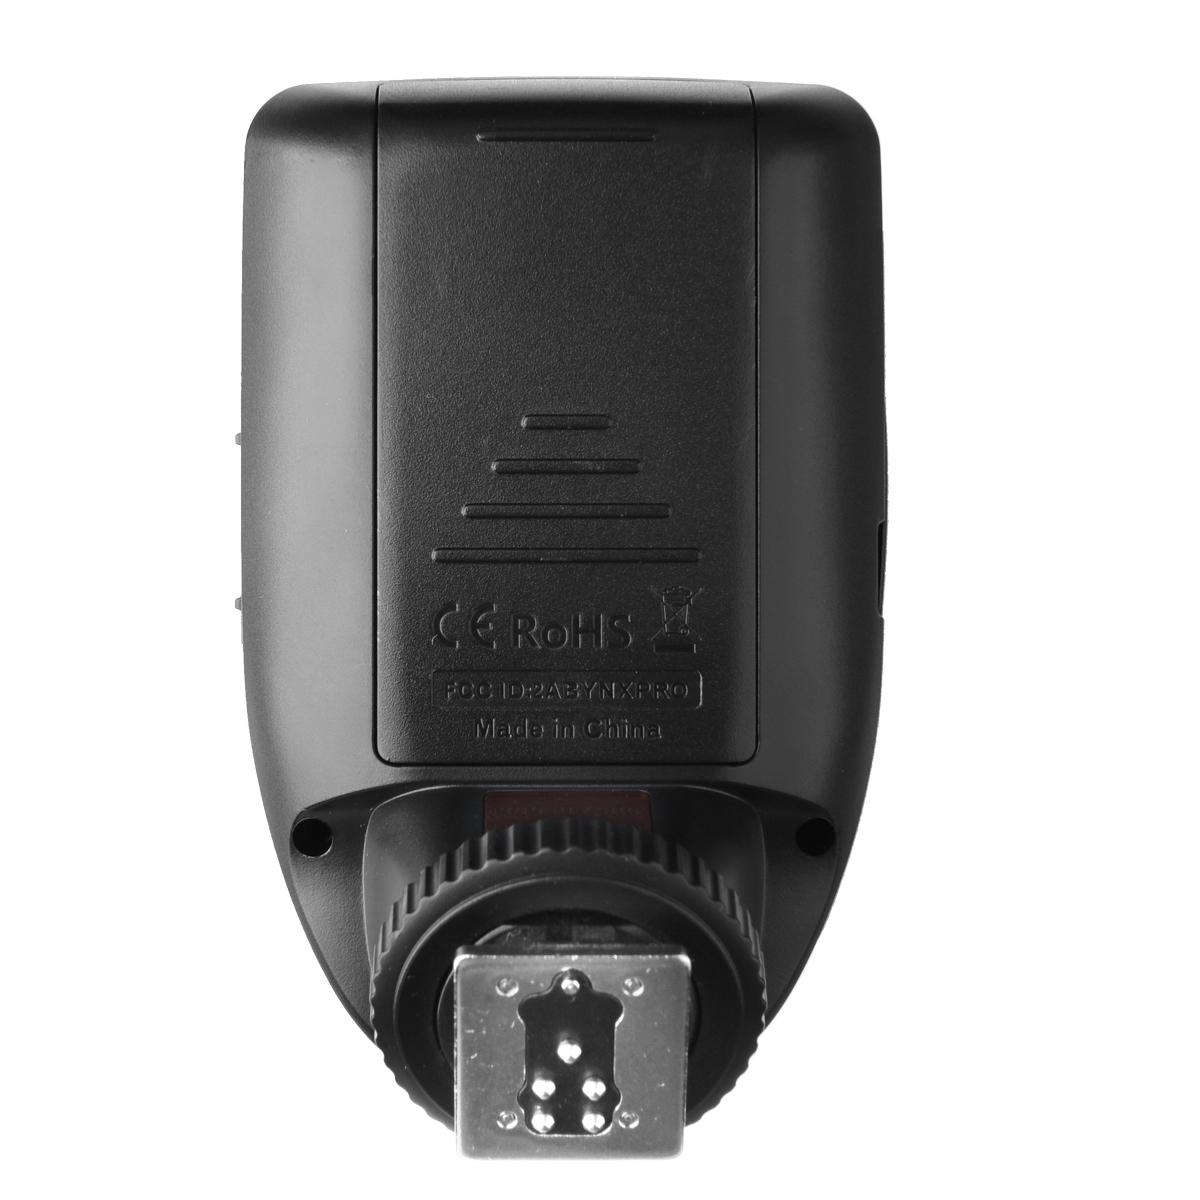 神牛 xpro-c 发射器佳能TTL无线引闪器X系统机顶灯/外拍灯/影室灯